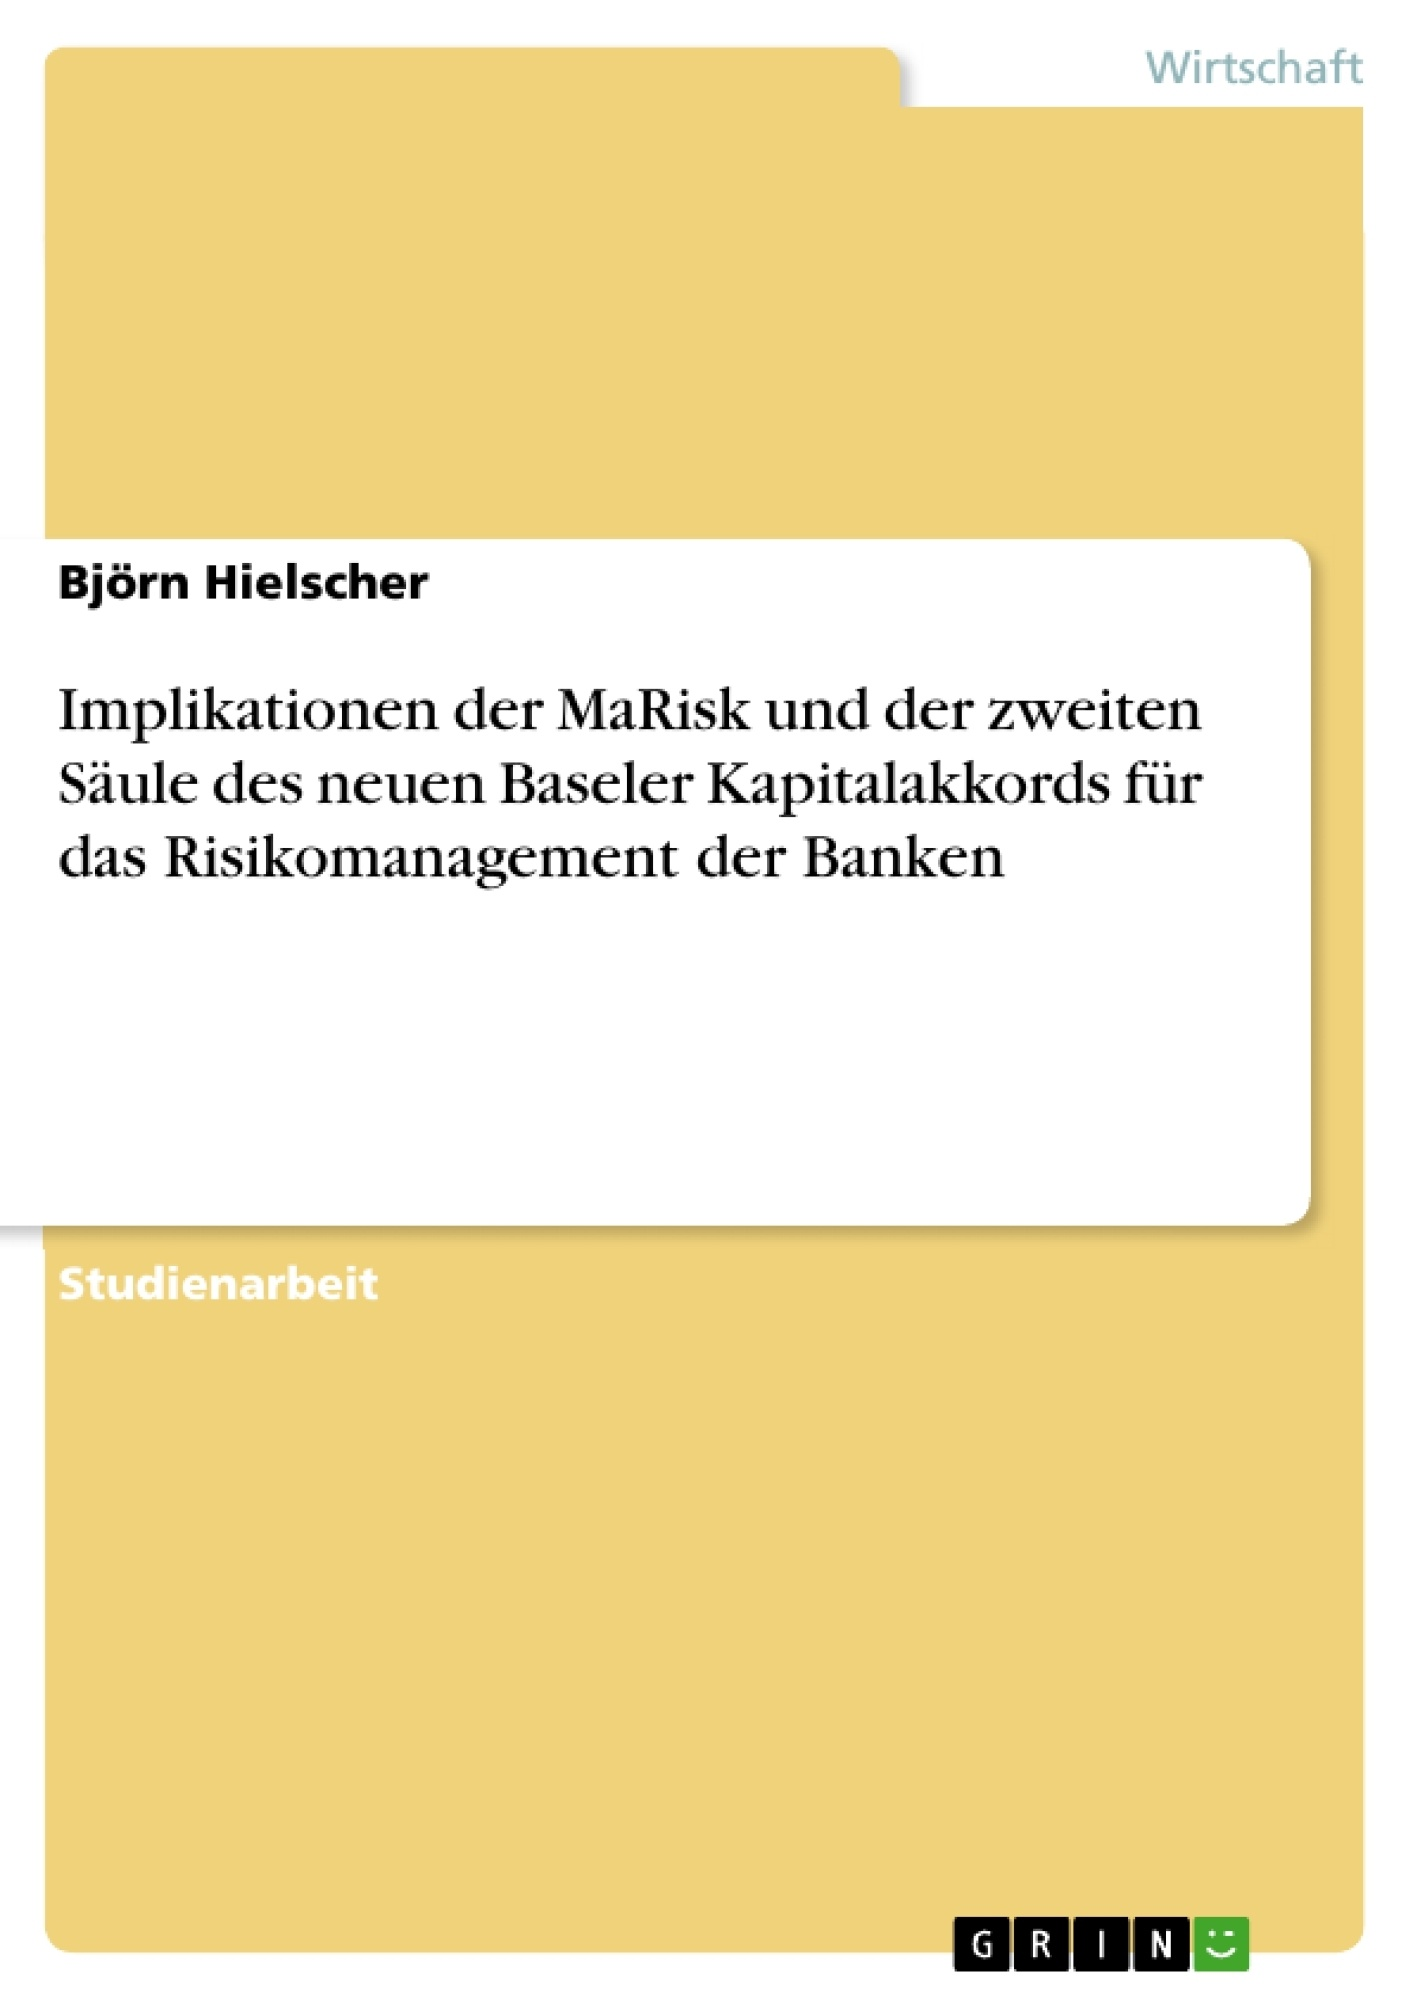 Titel: Implikationen der MaRisk und der zweiten Säule des neuen Baseler Kapitalakkords für das Risikomanagement der Banken